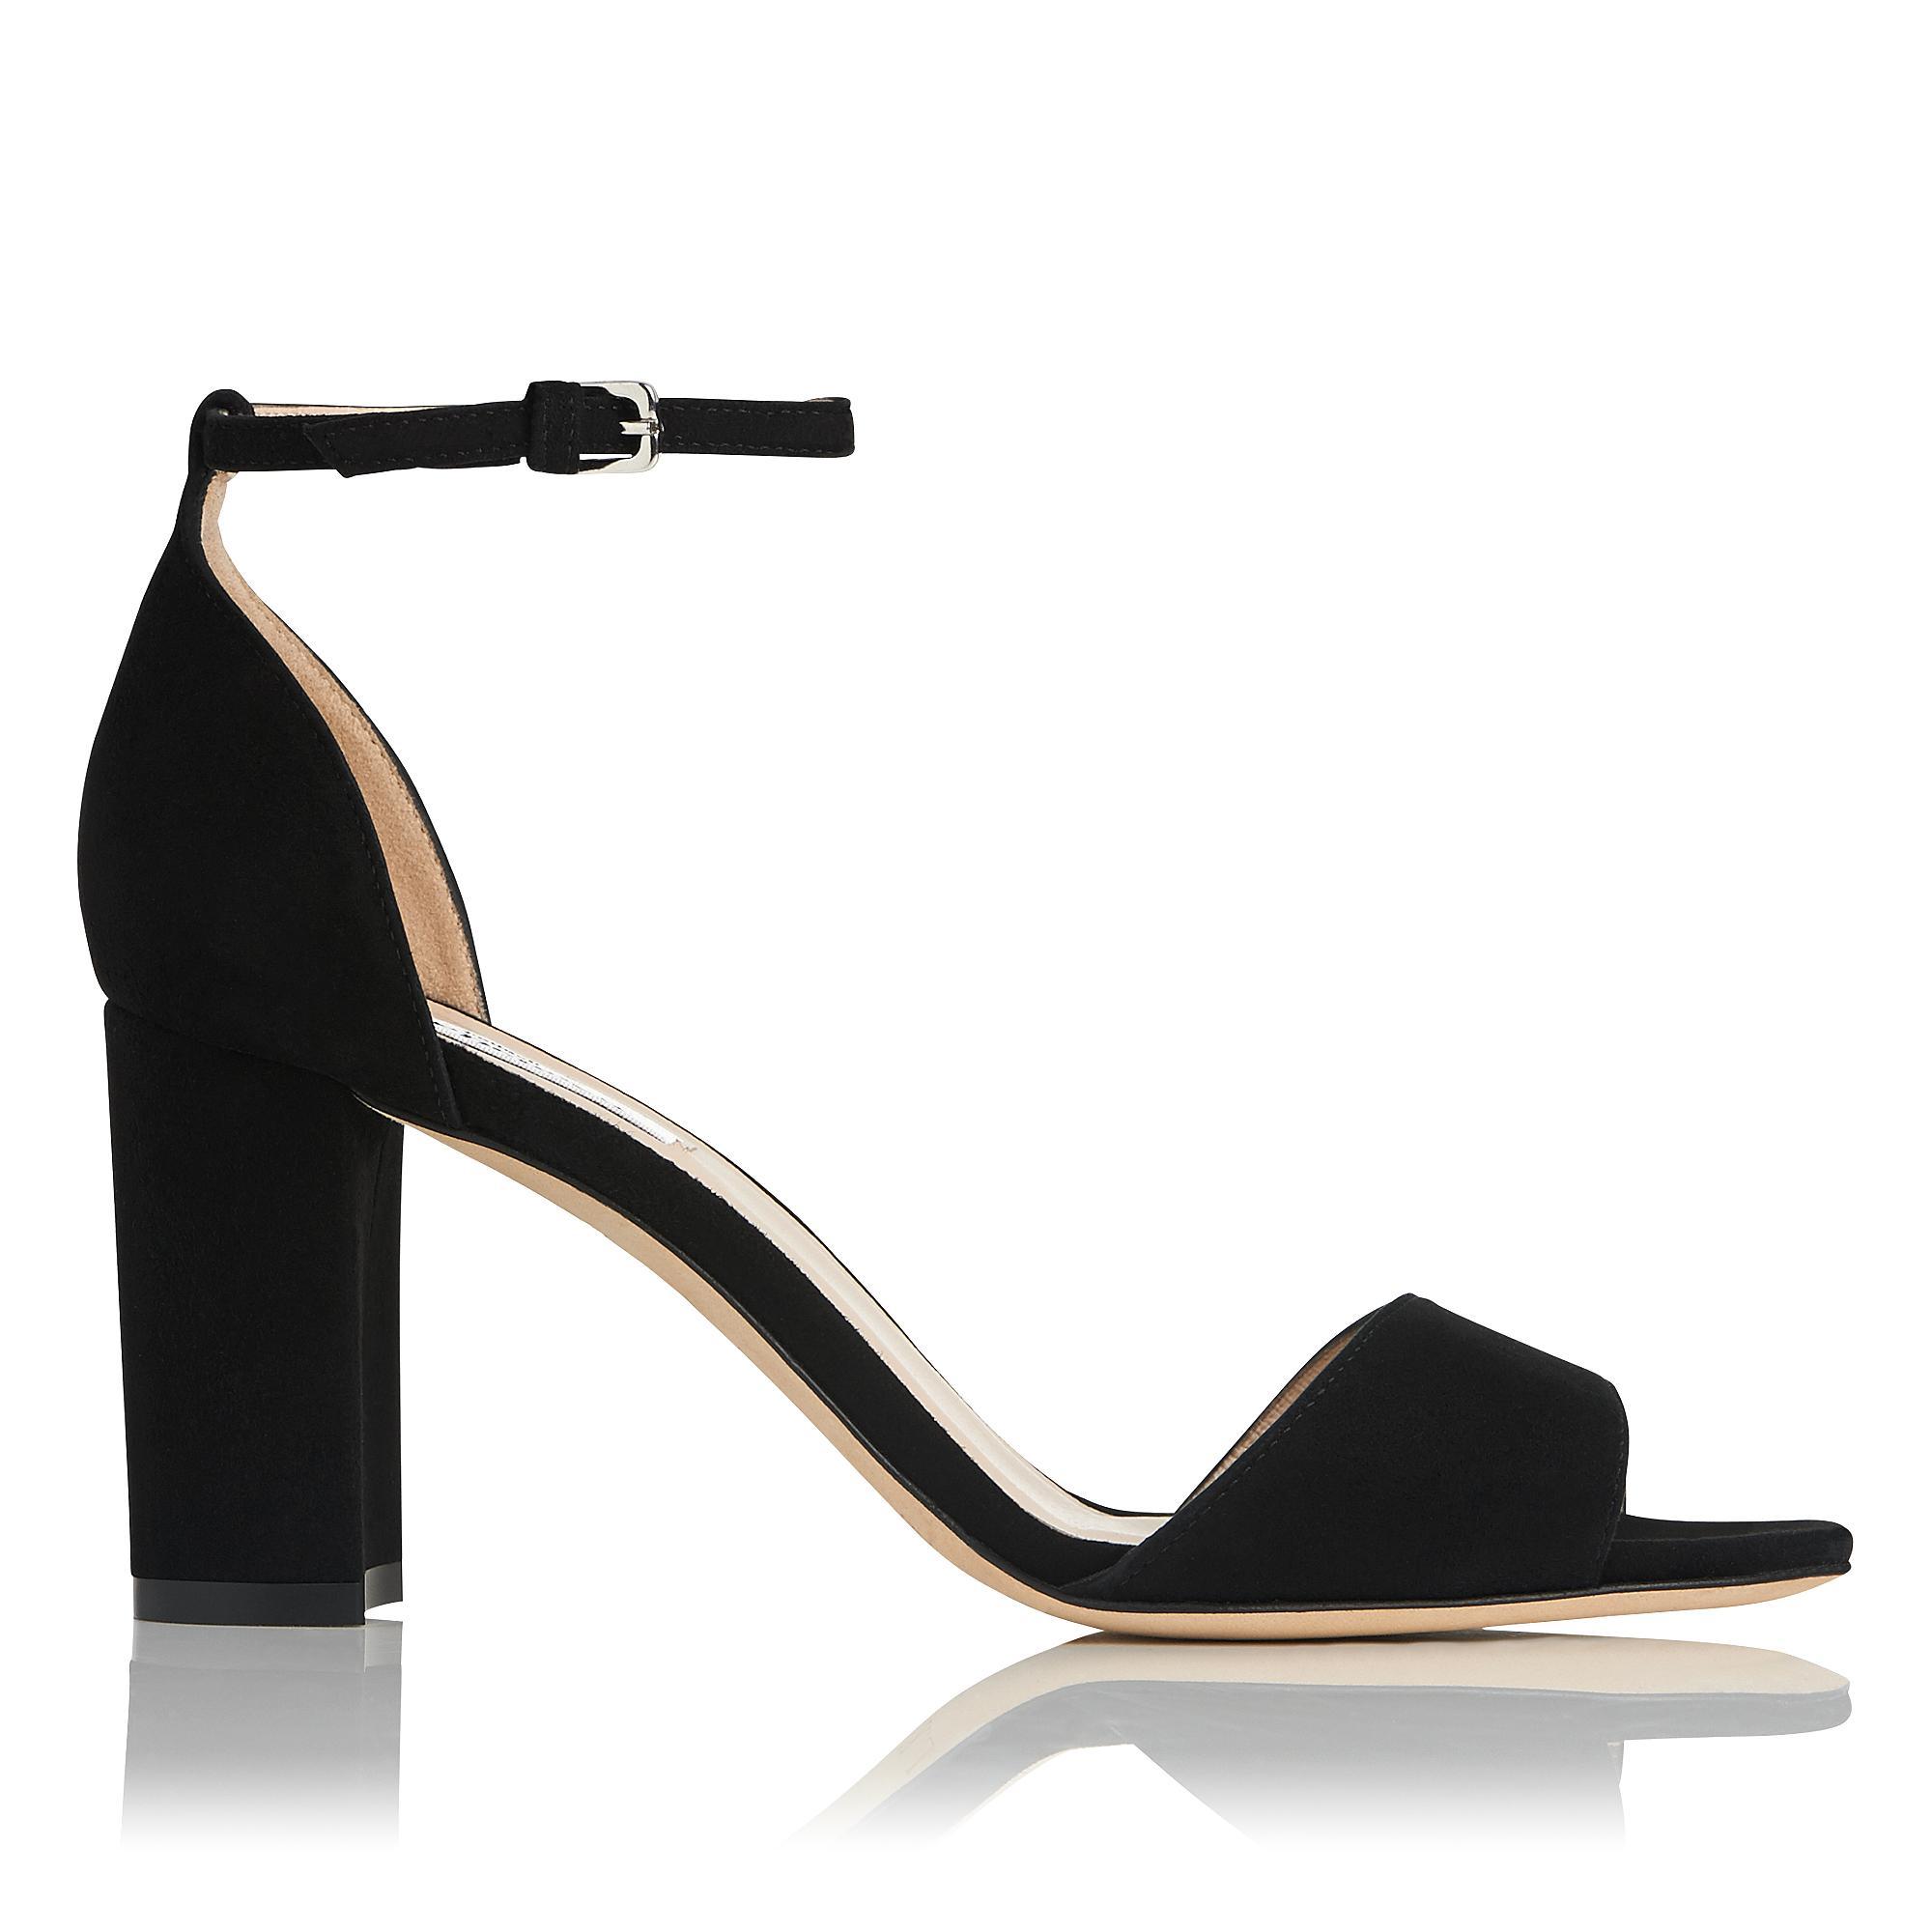 Helena Suede Sandals